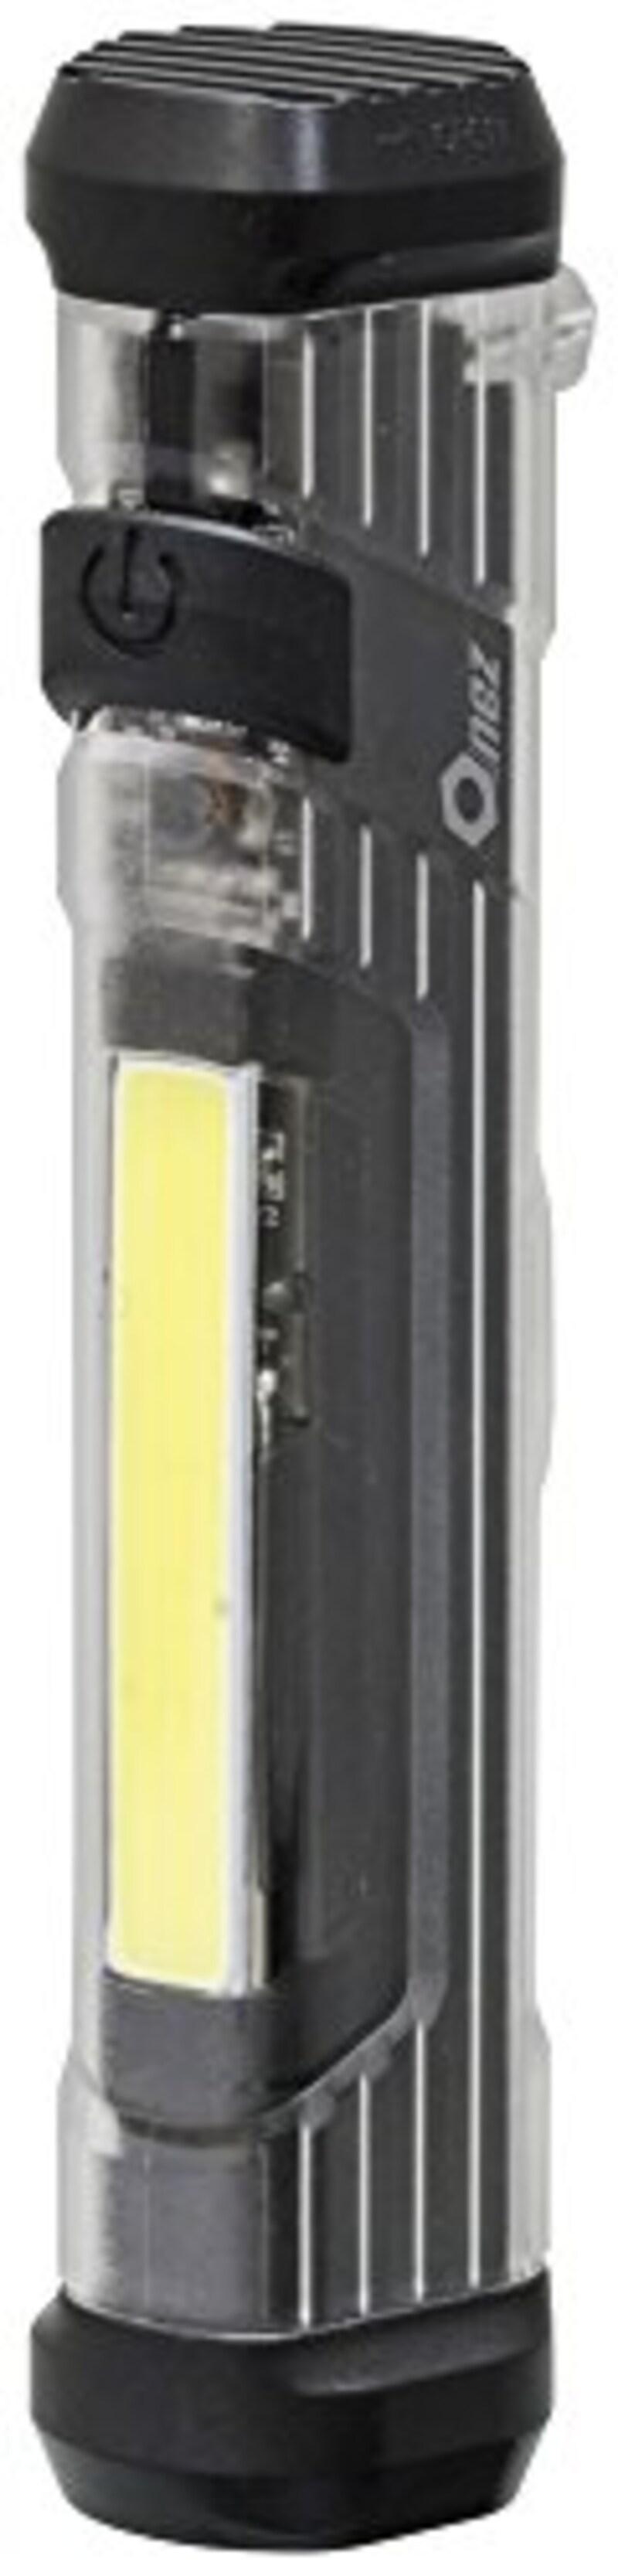 GENTOS(ジェントス),COB(発光面)LEDライト,OZ-132D